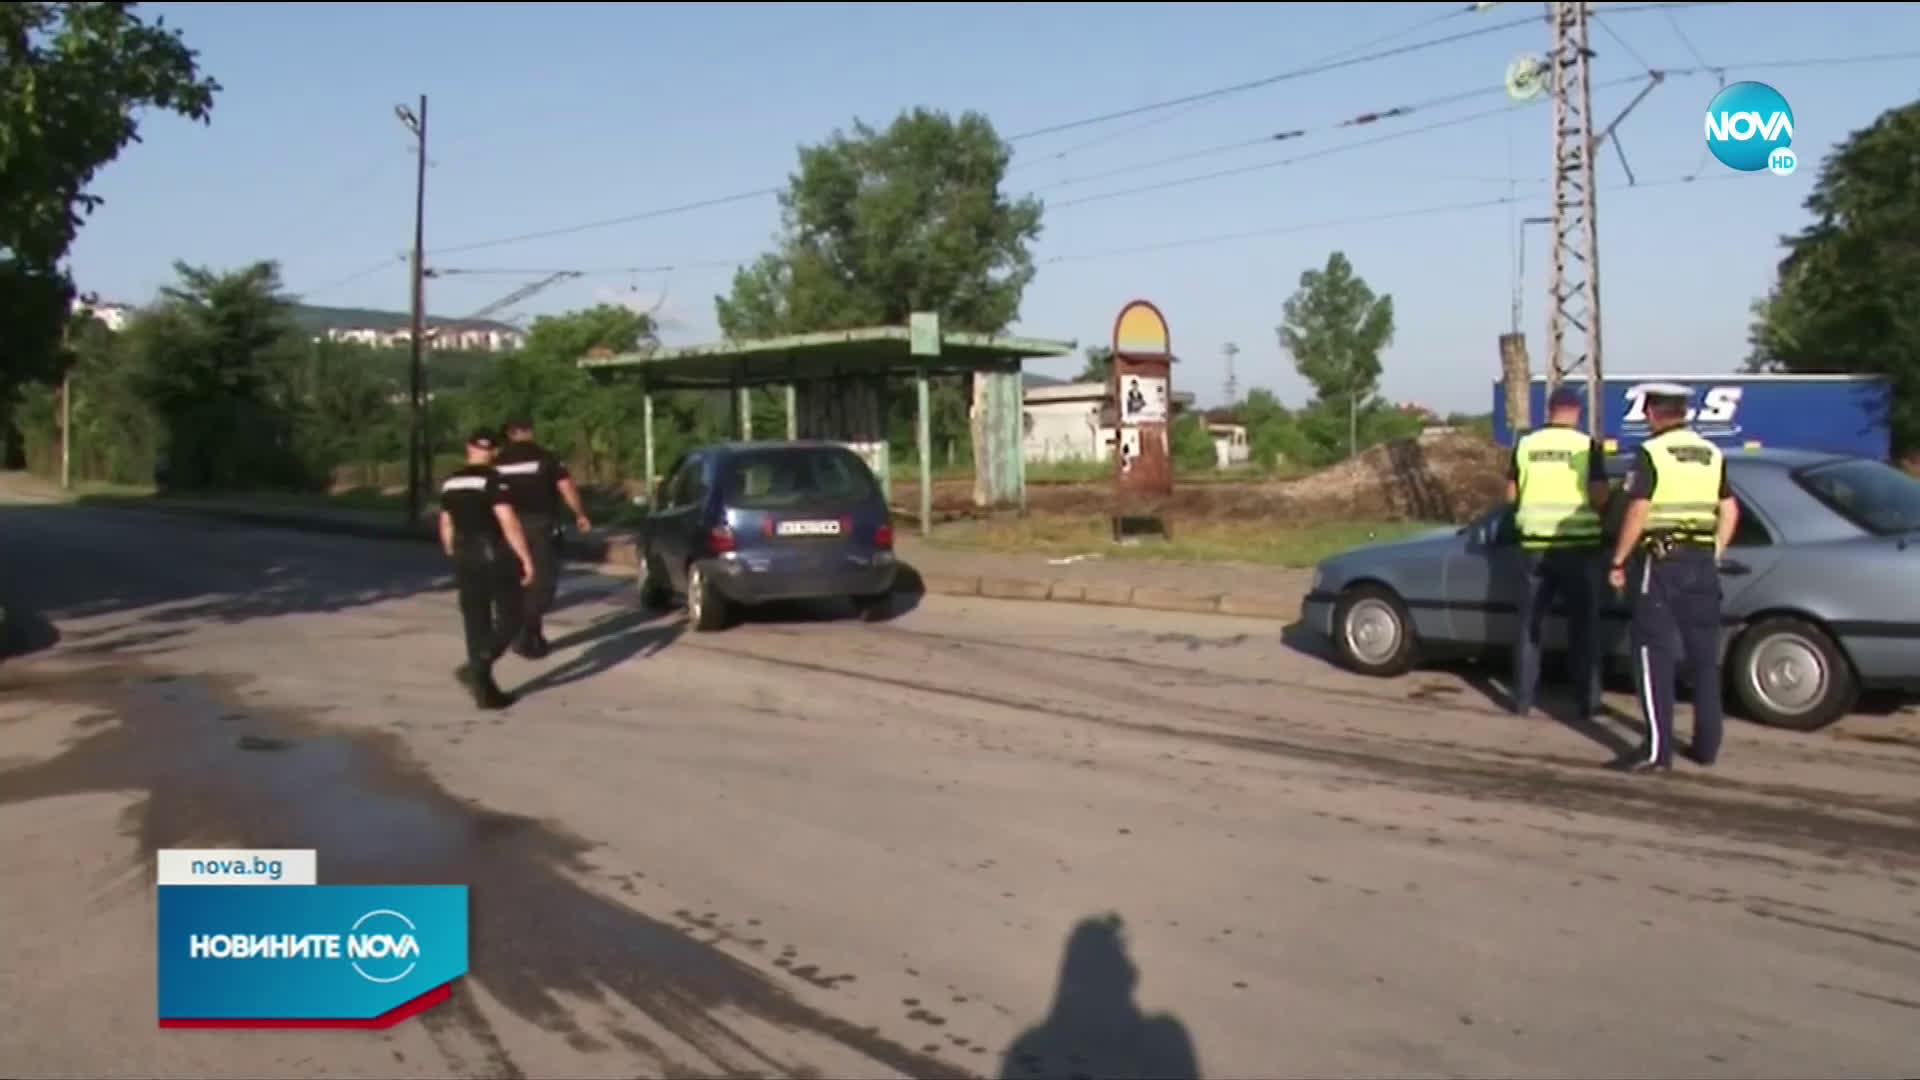 Акция в Горна Оряховица, привикаха 10 души в полицията